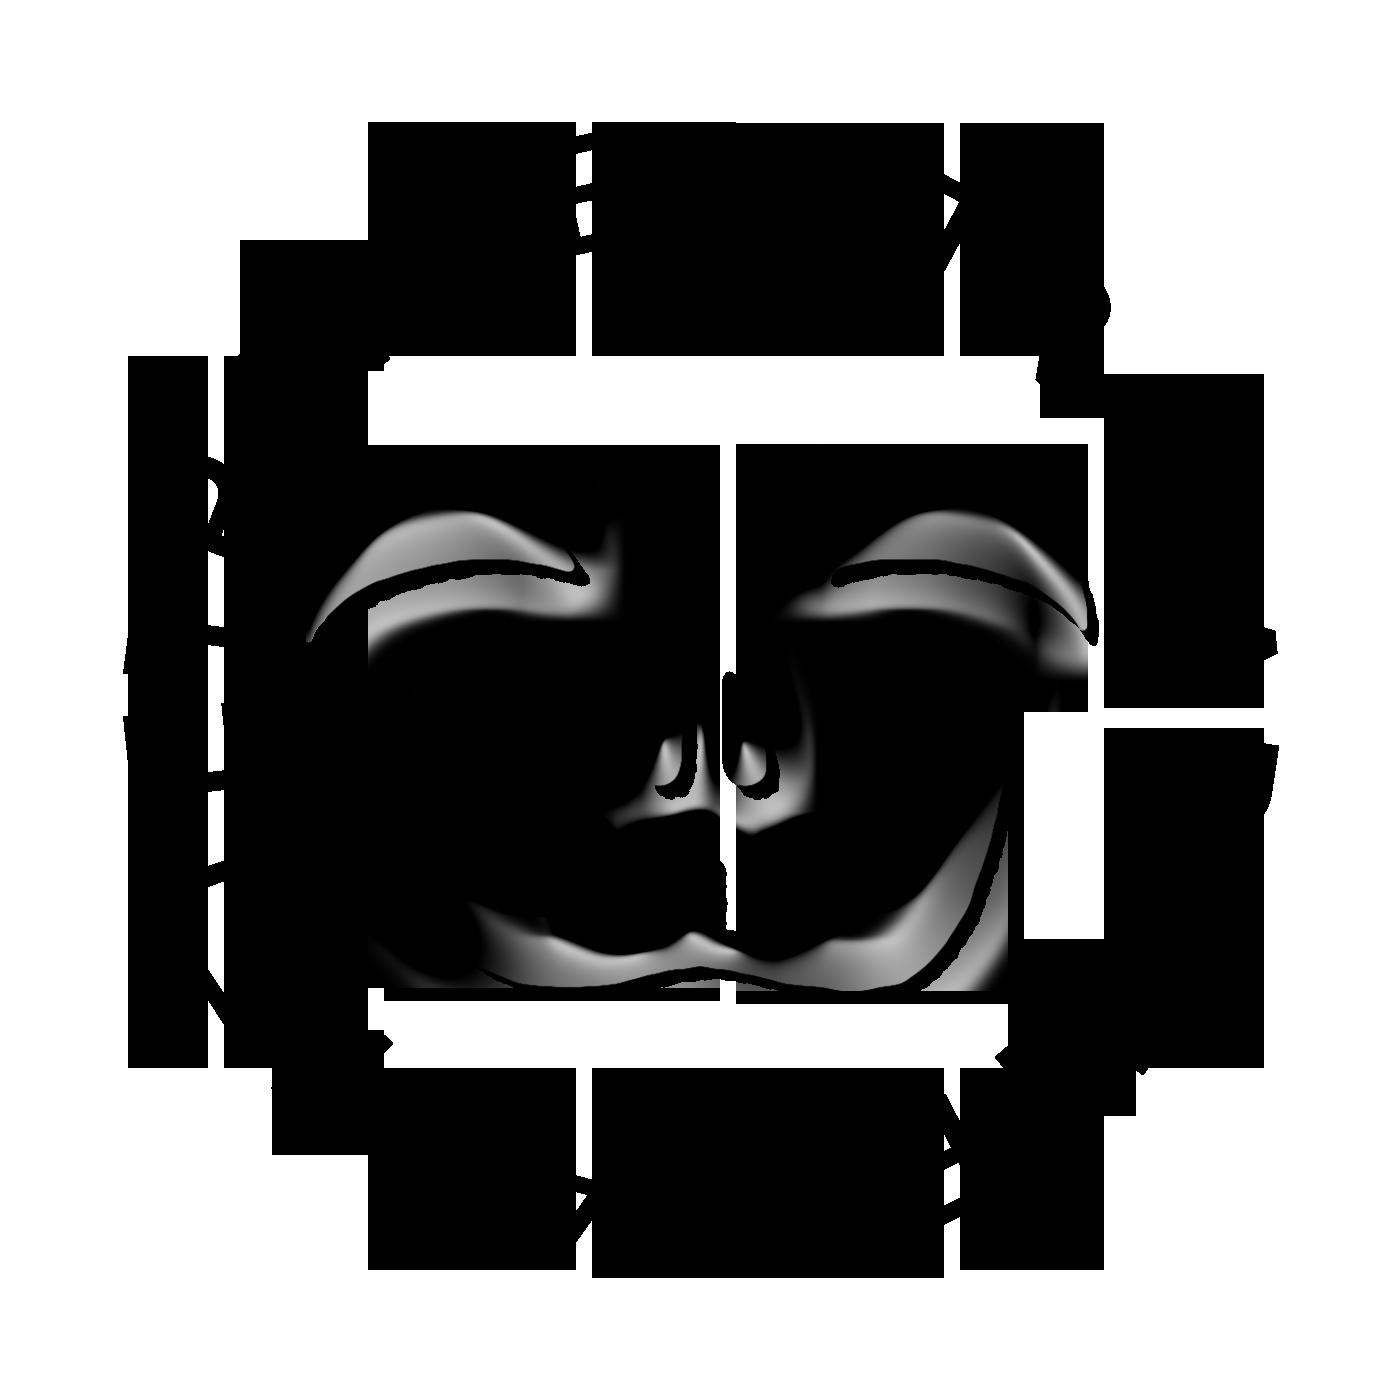 LOGO BLACC 2(1)